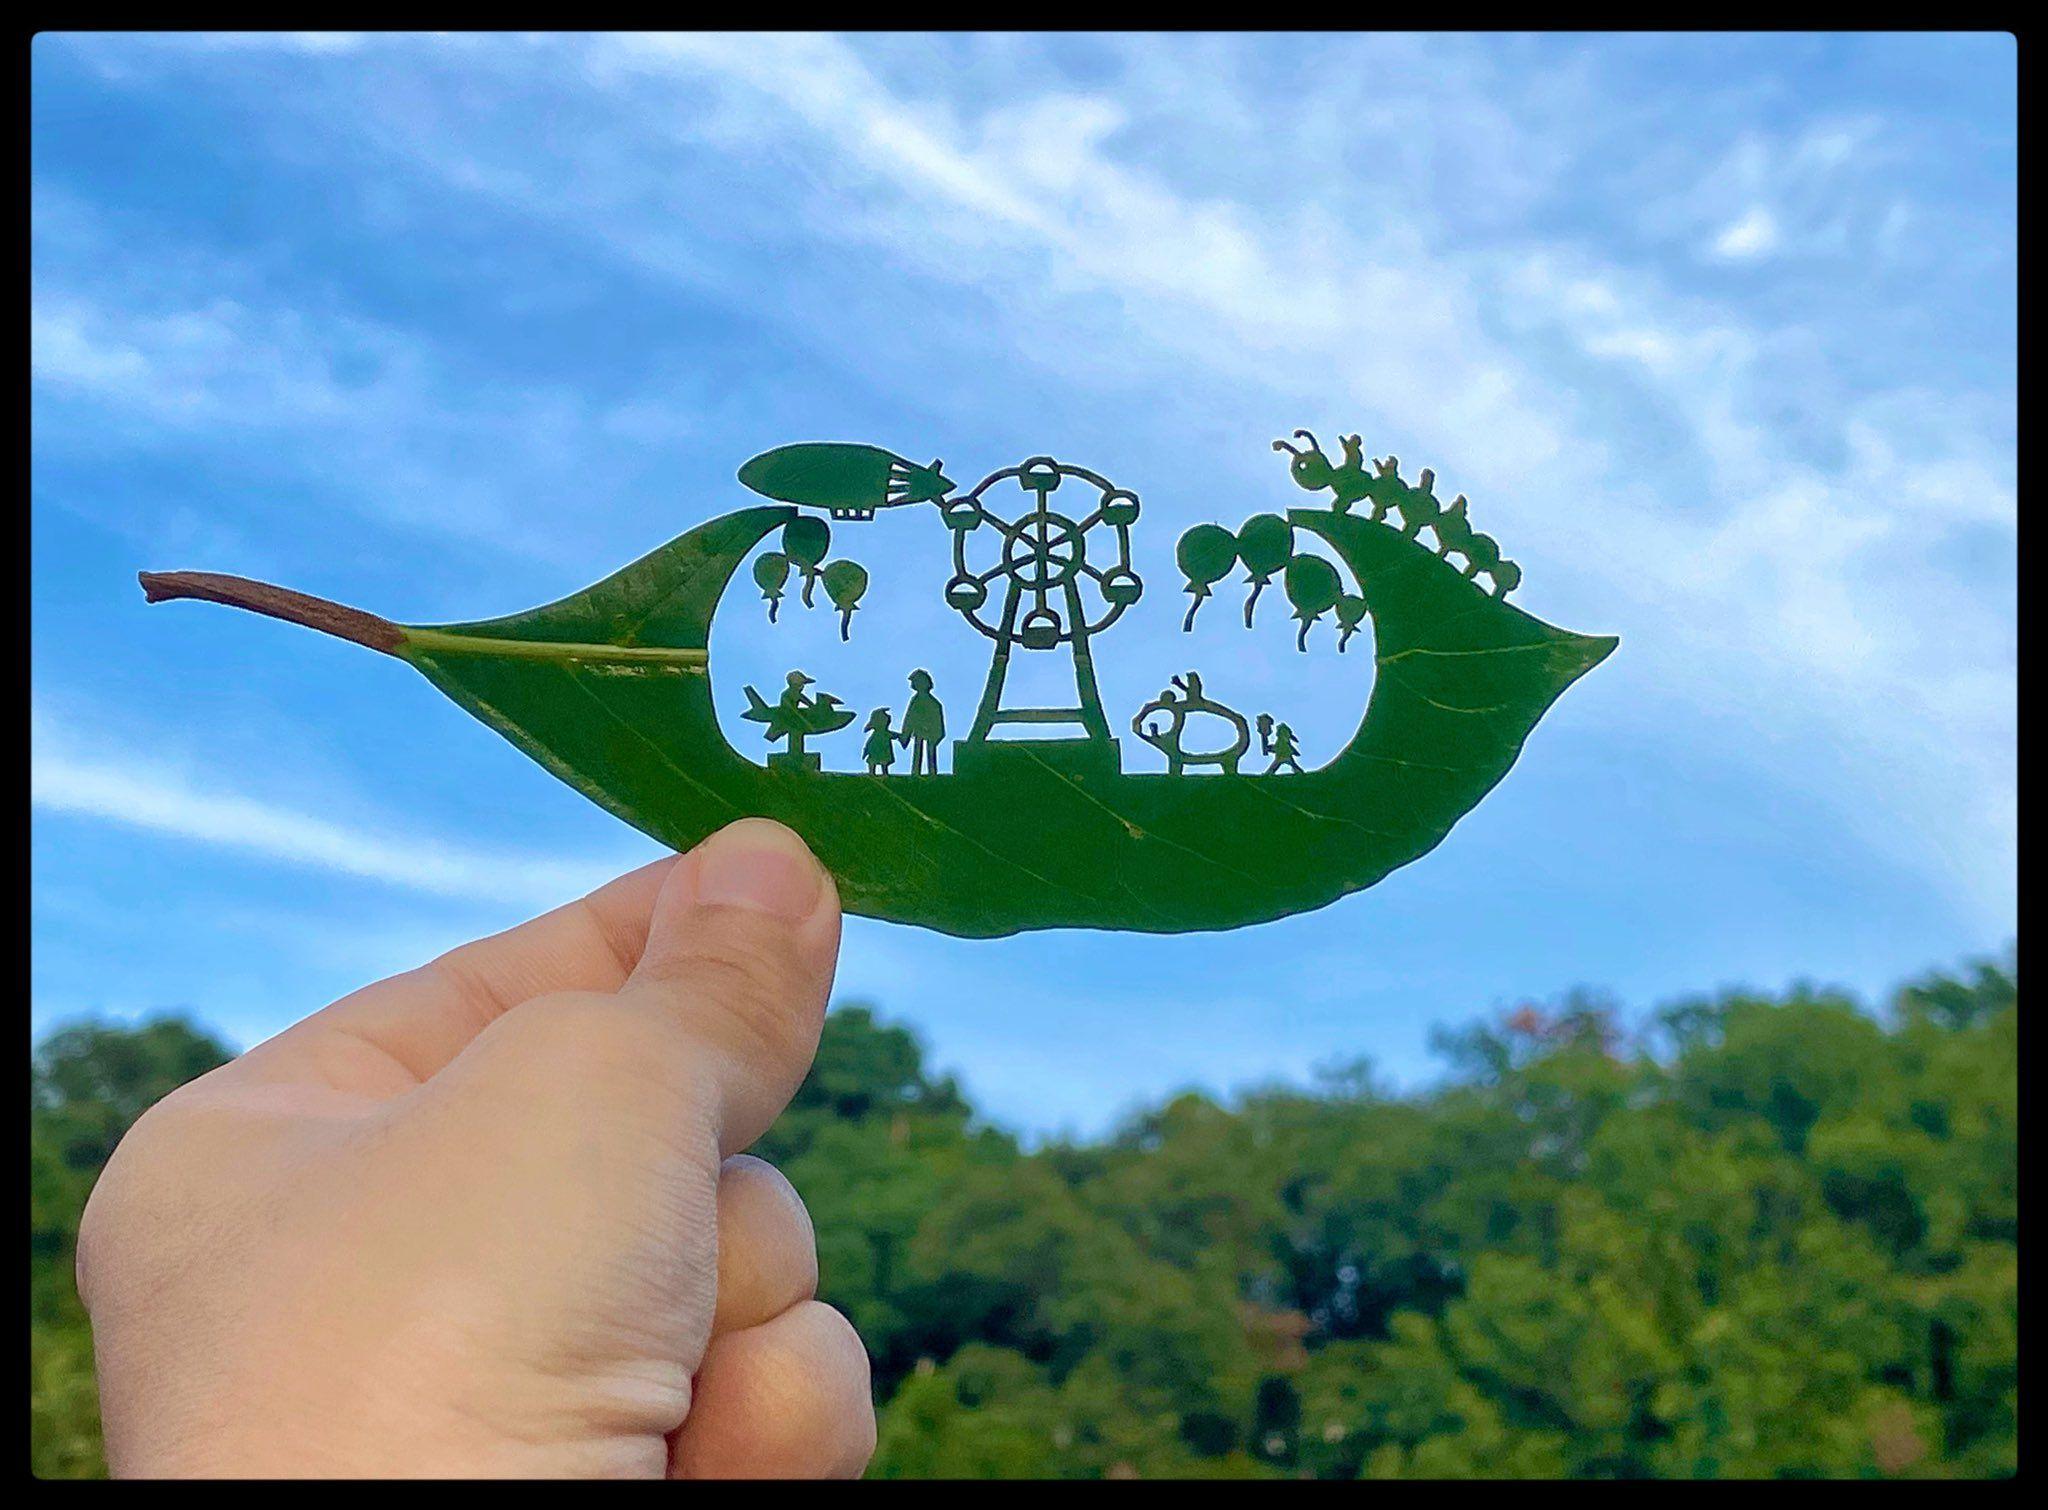 リト@葉っぱ切り絵 on Twitter in 2020 | Leaf art, Art carved, Tree carving